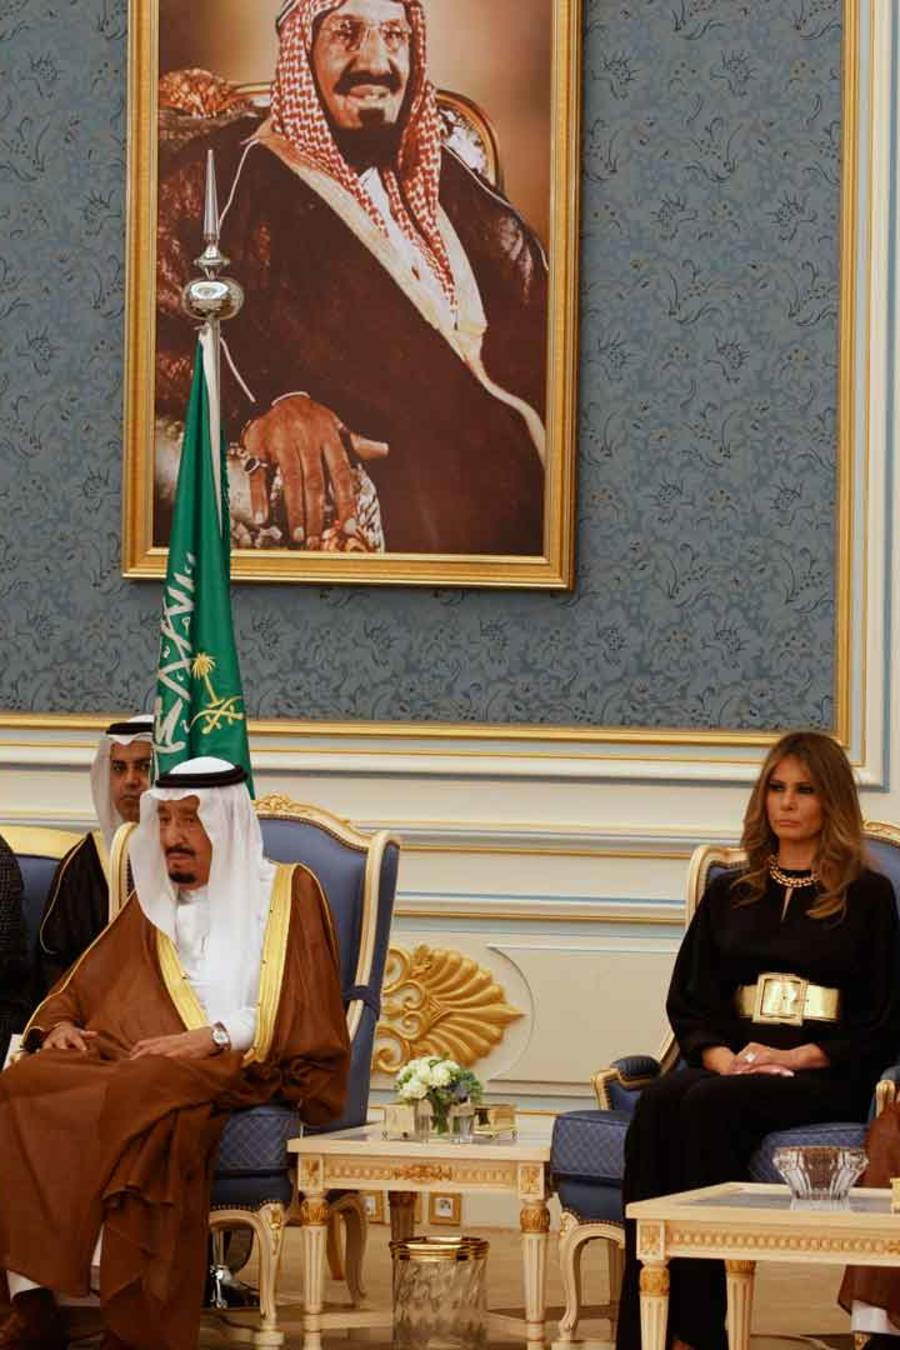 Trump recibido en el palacio real de Riad por el rey saudí